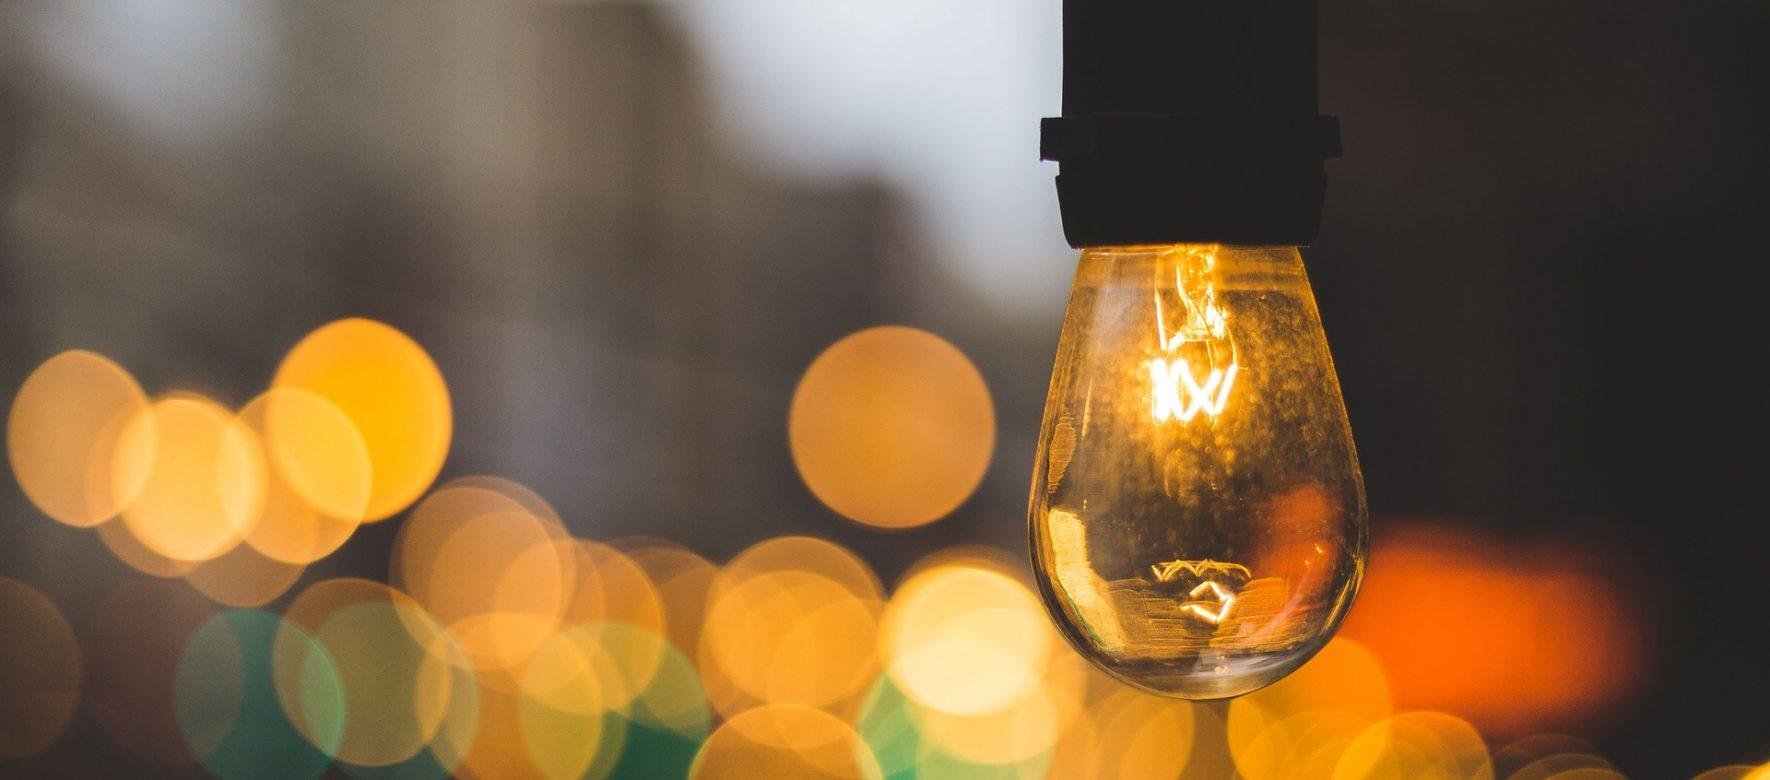 Egypte : Il invente un système pour réduire la consommation d'électricité.